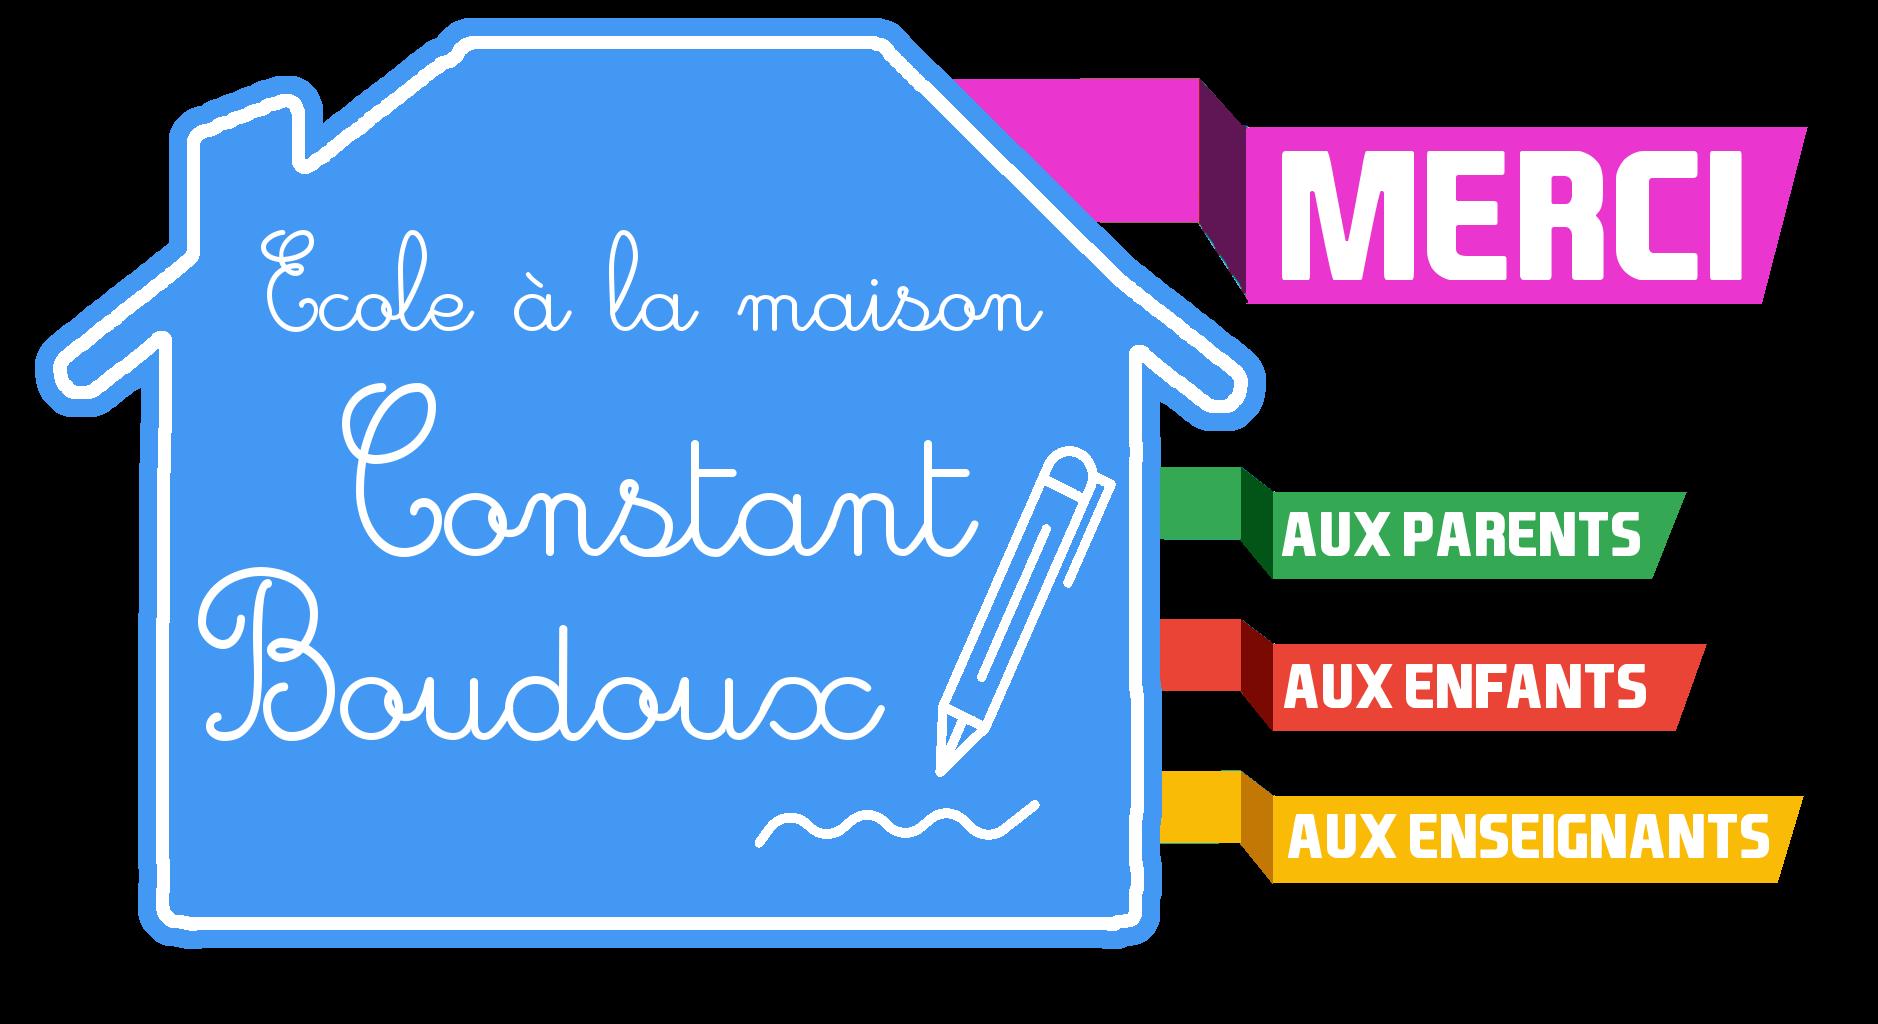 Blog des CE2 - Constant Boudoux